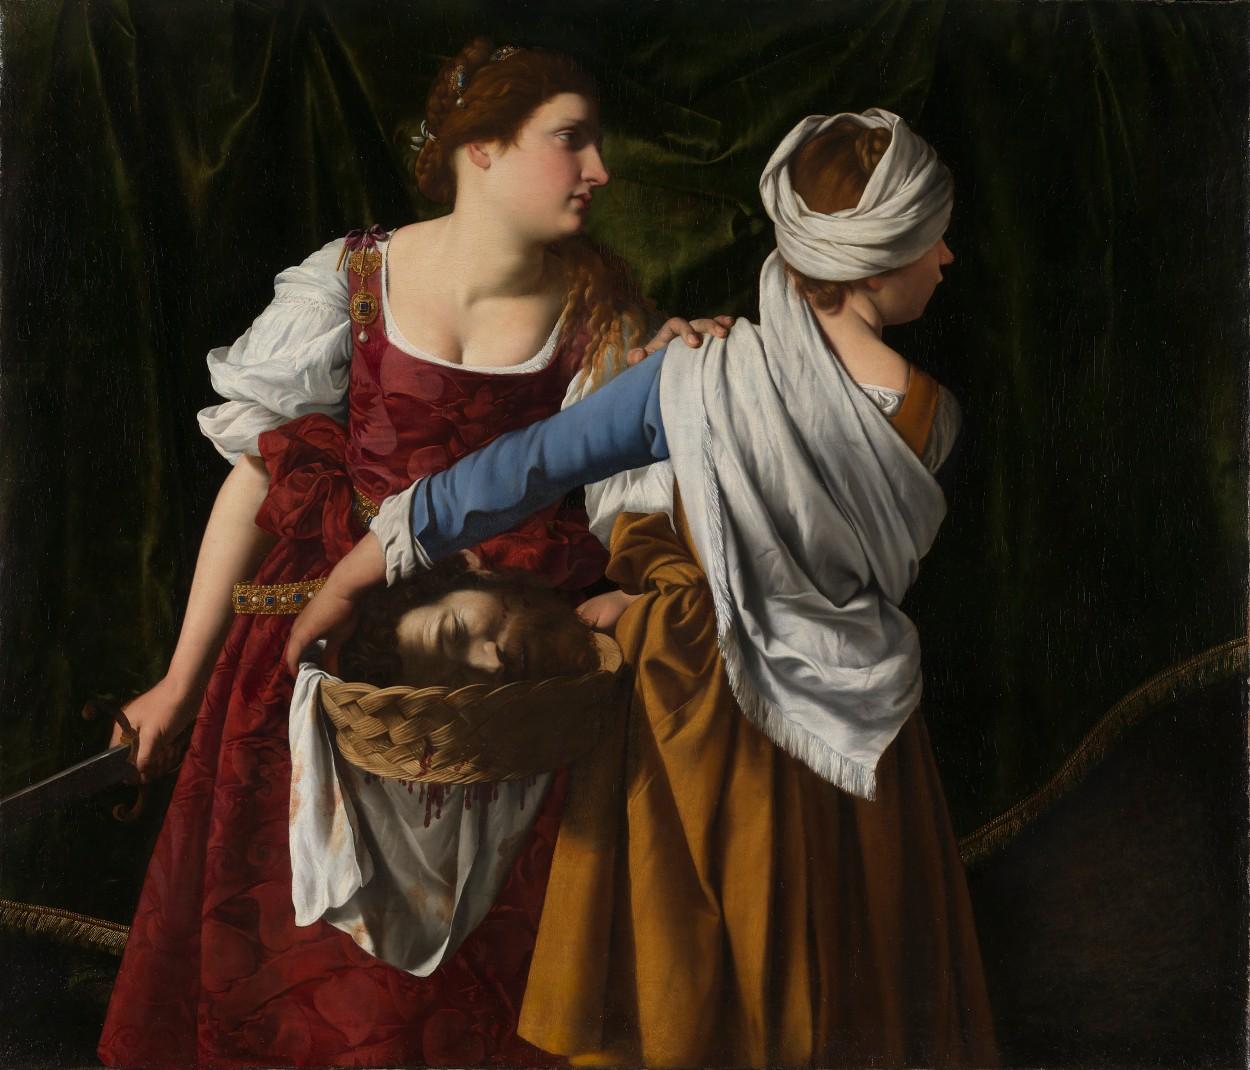 Judith en haar dienstmeid (ca. 1608). Een schilderij van vader Orazio Gentileschi